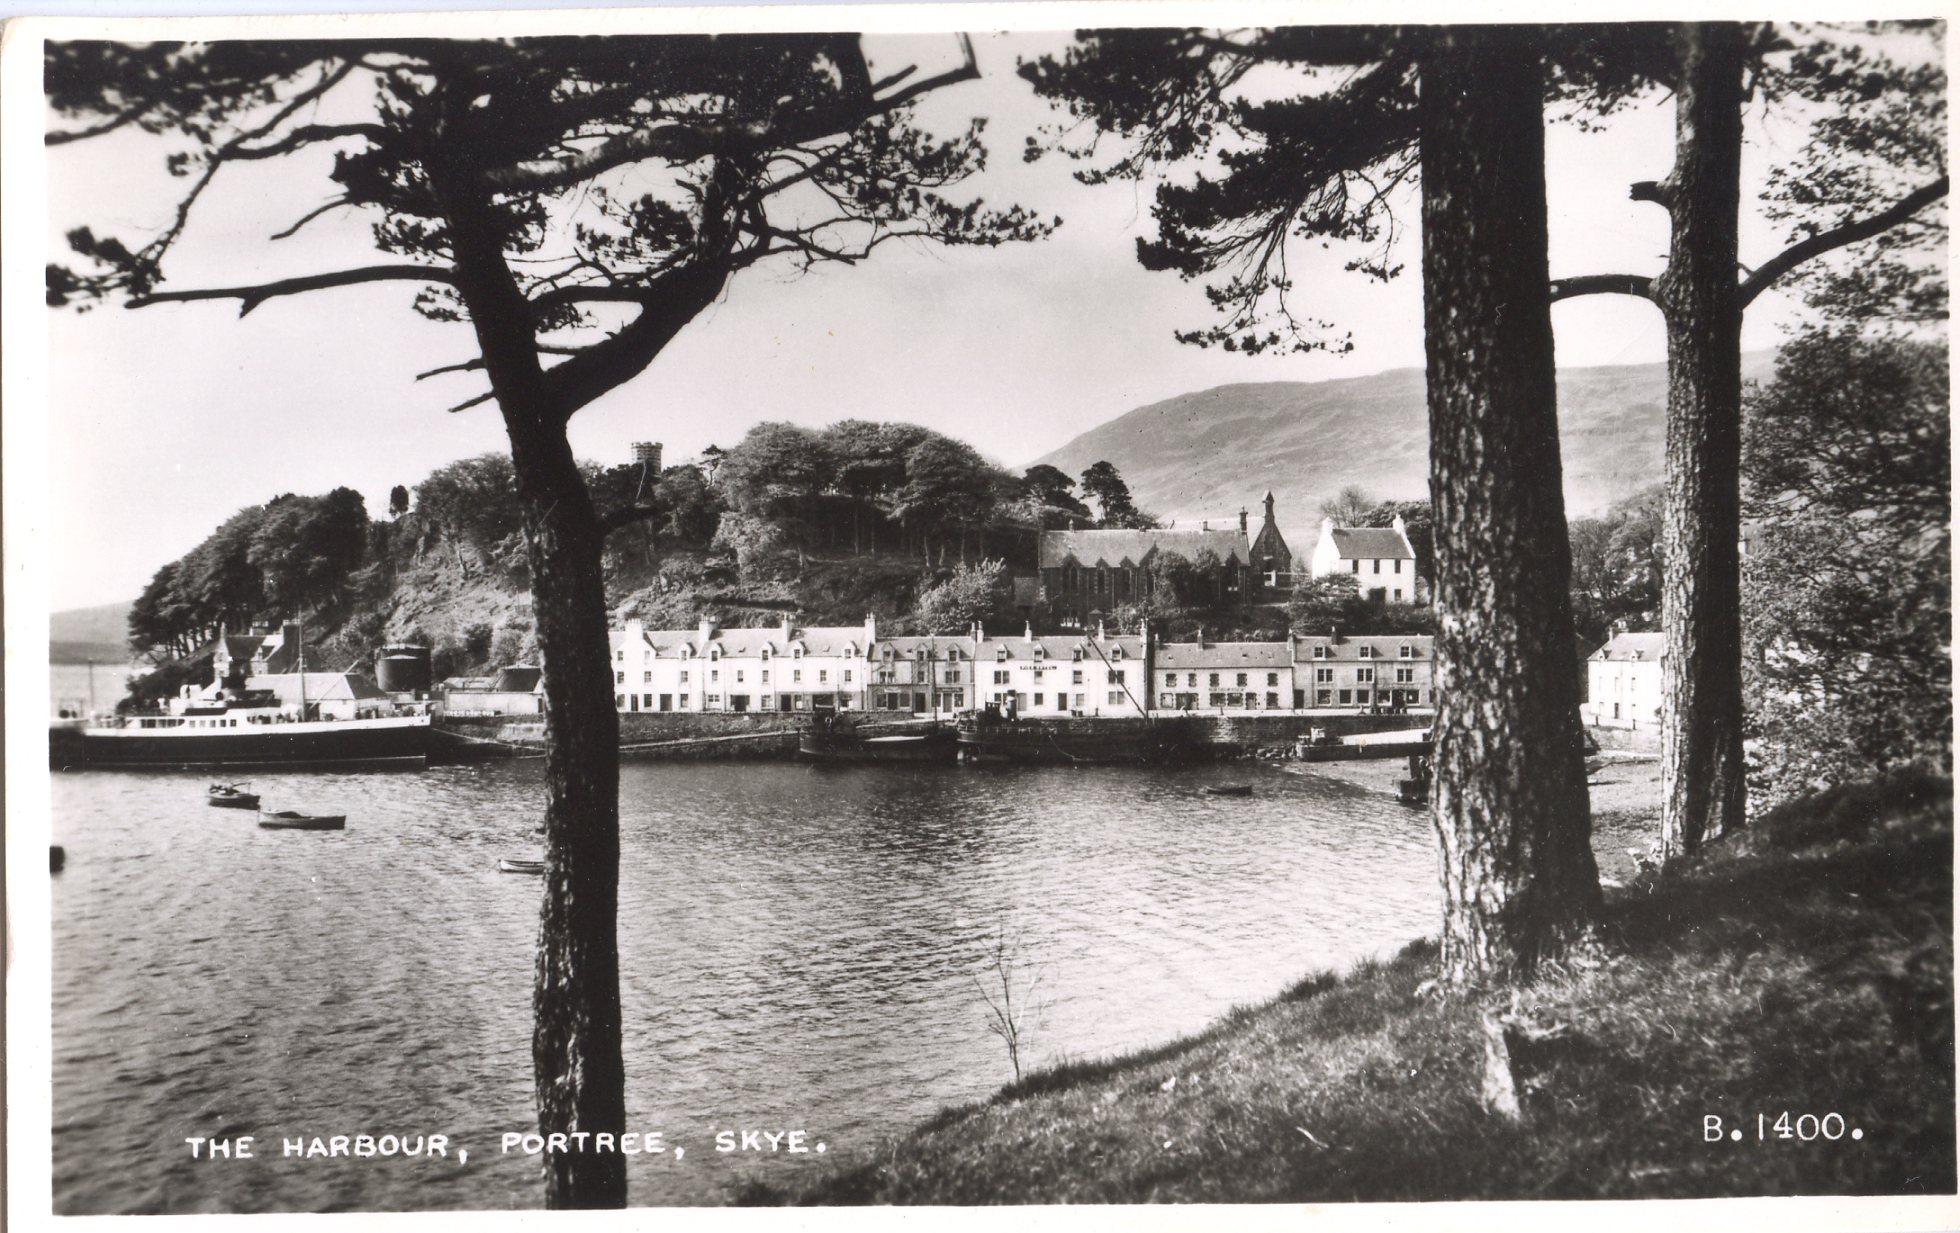 Lochnevis at Portree